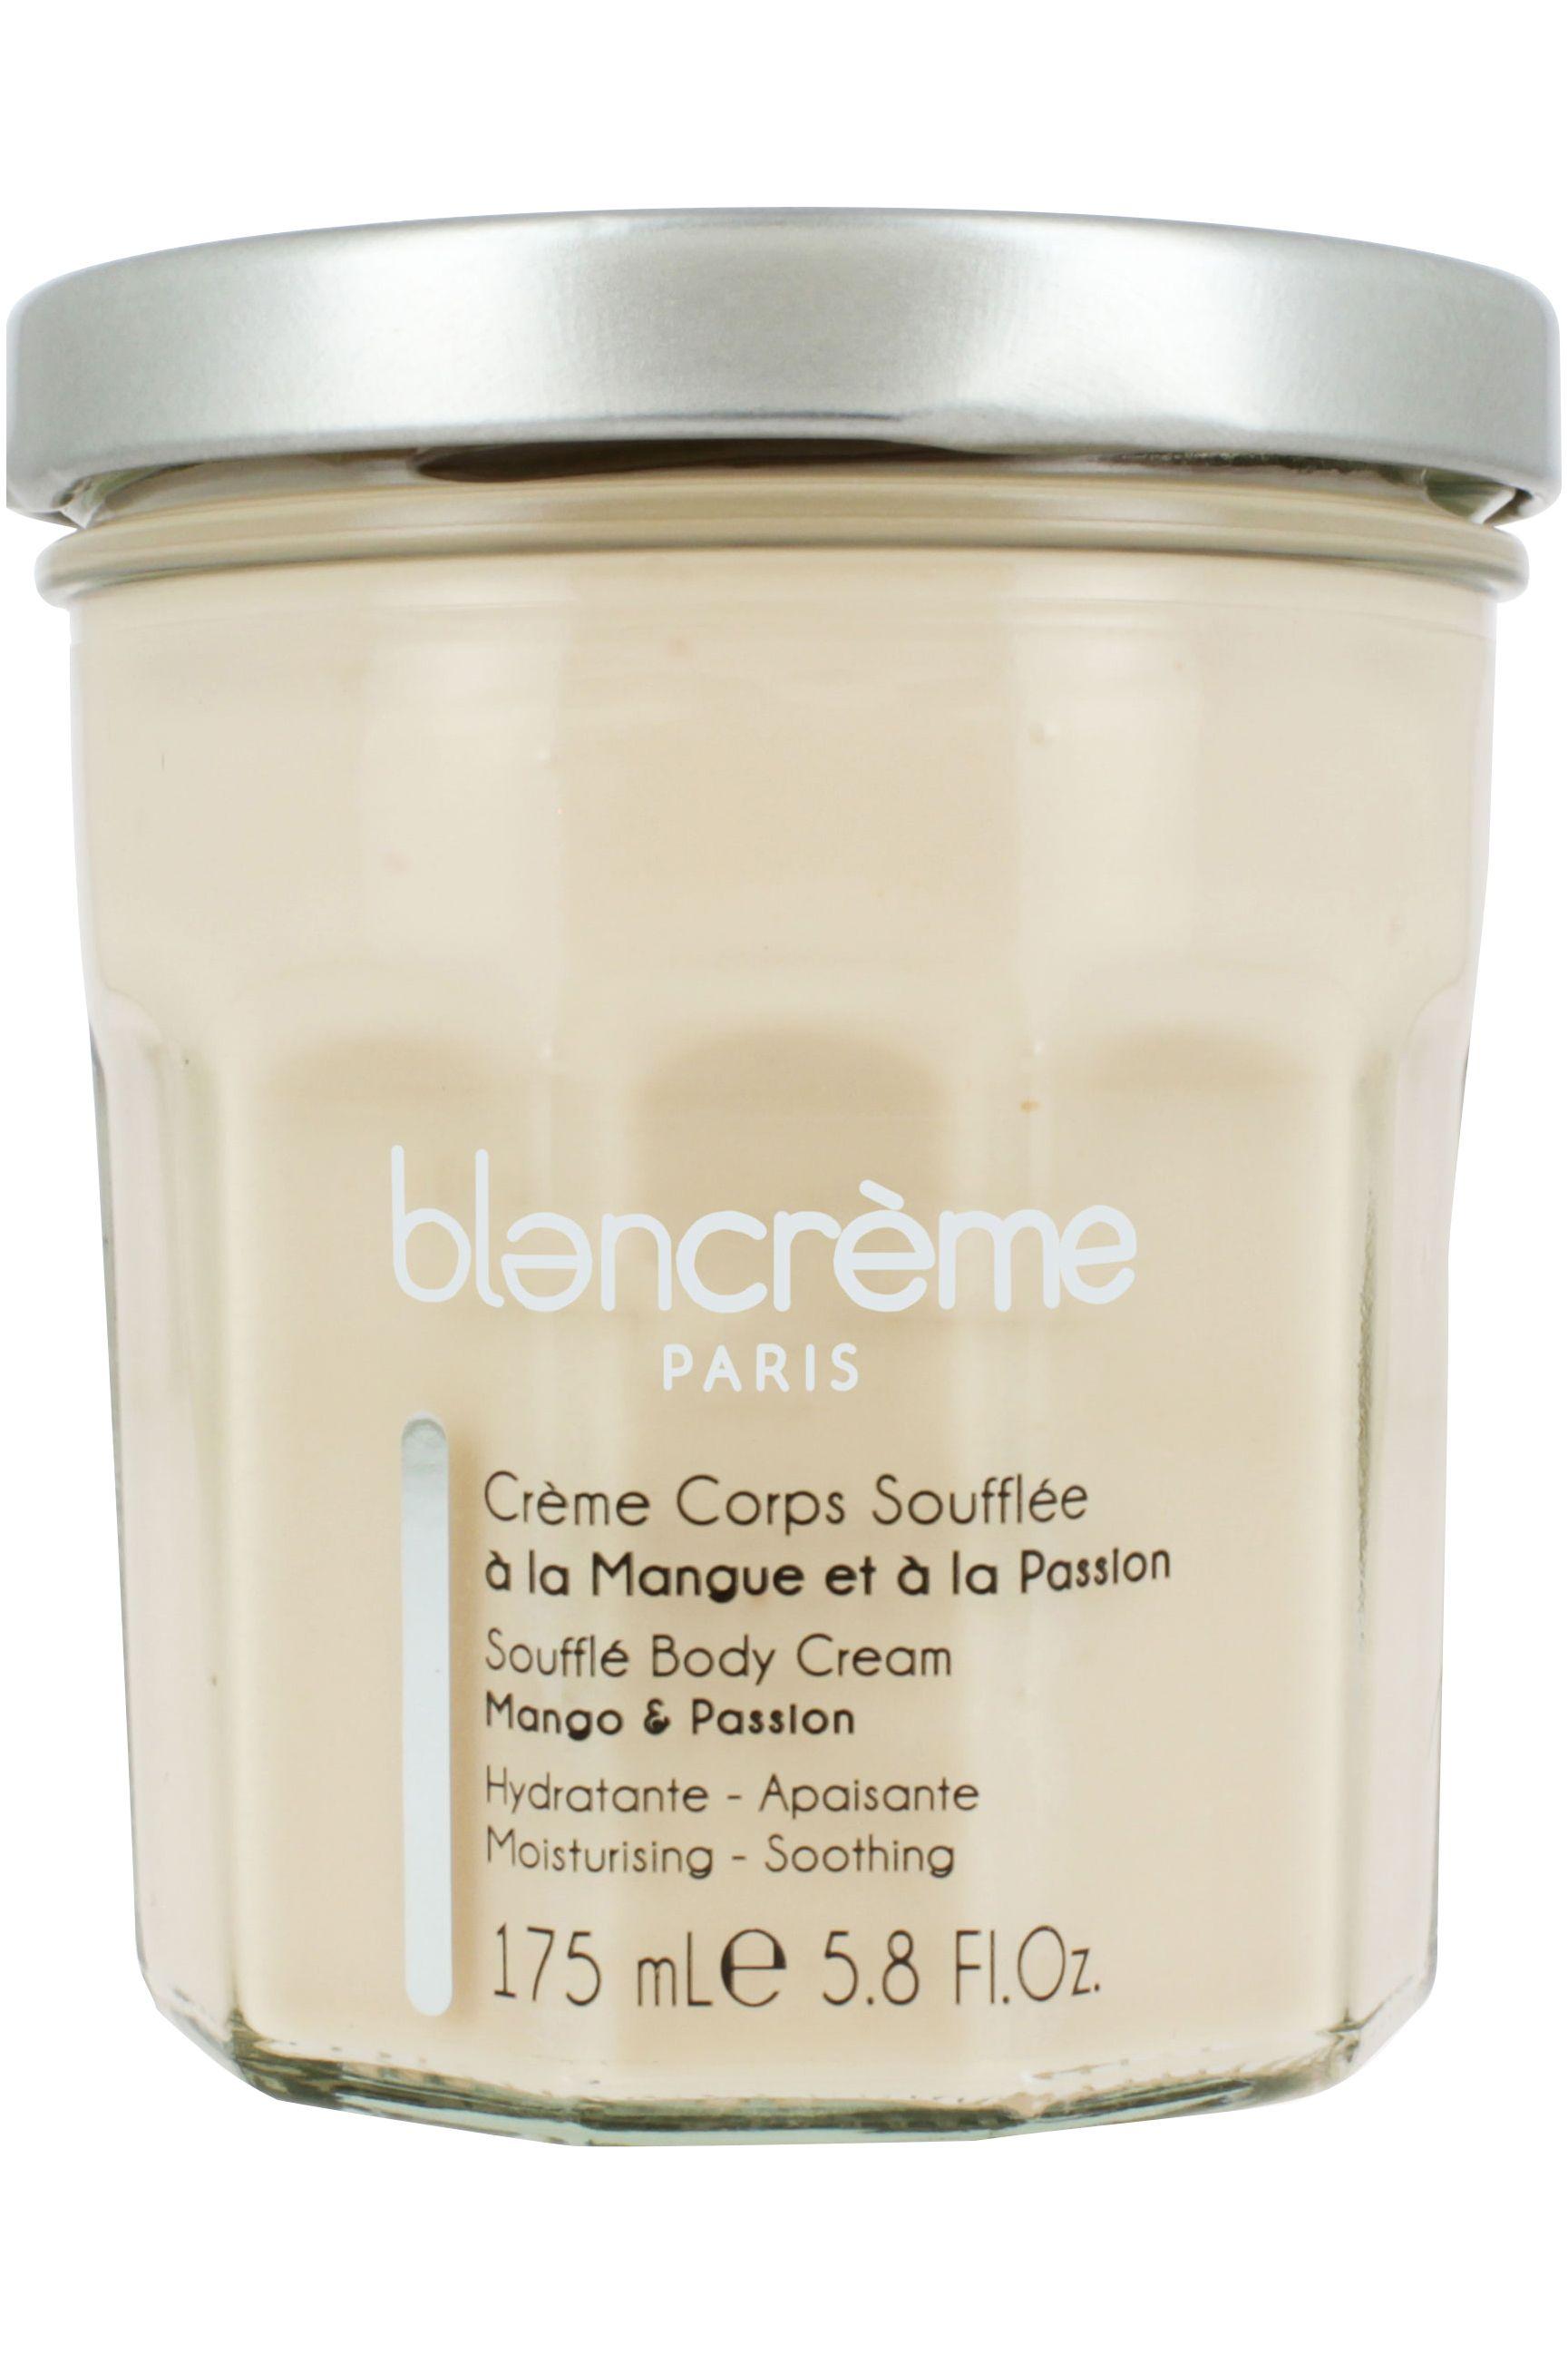 Blissim : Blancrème - Crème Corps Mangue Passion - Crème Corps Mangue Passion